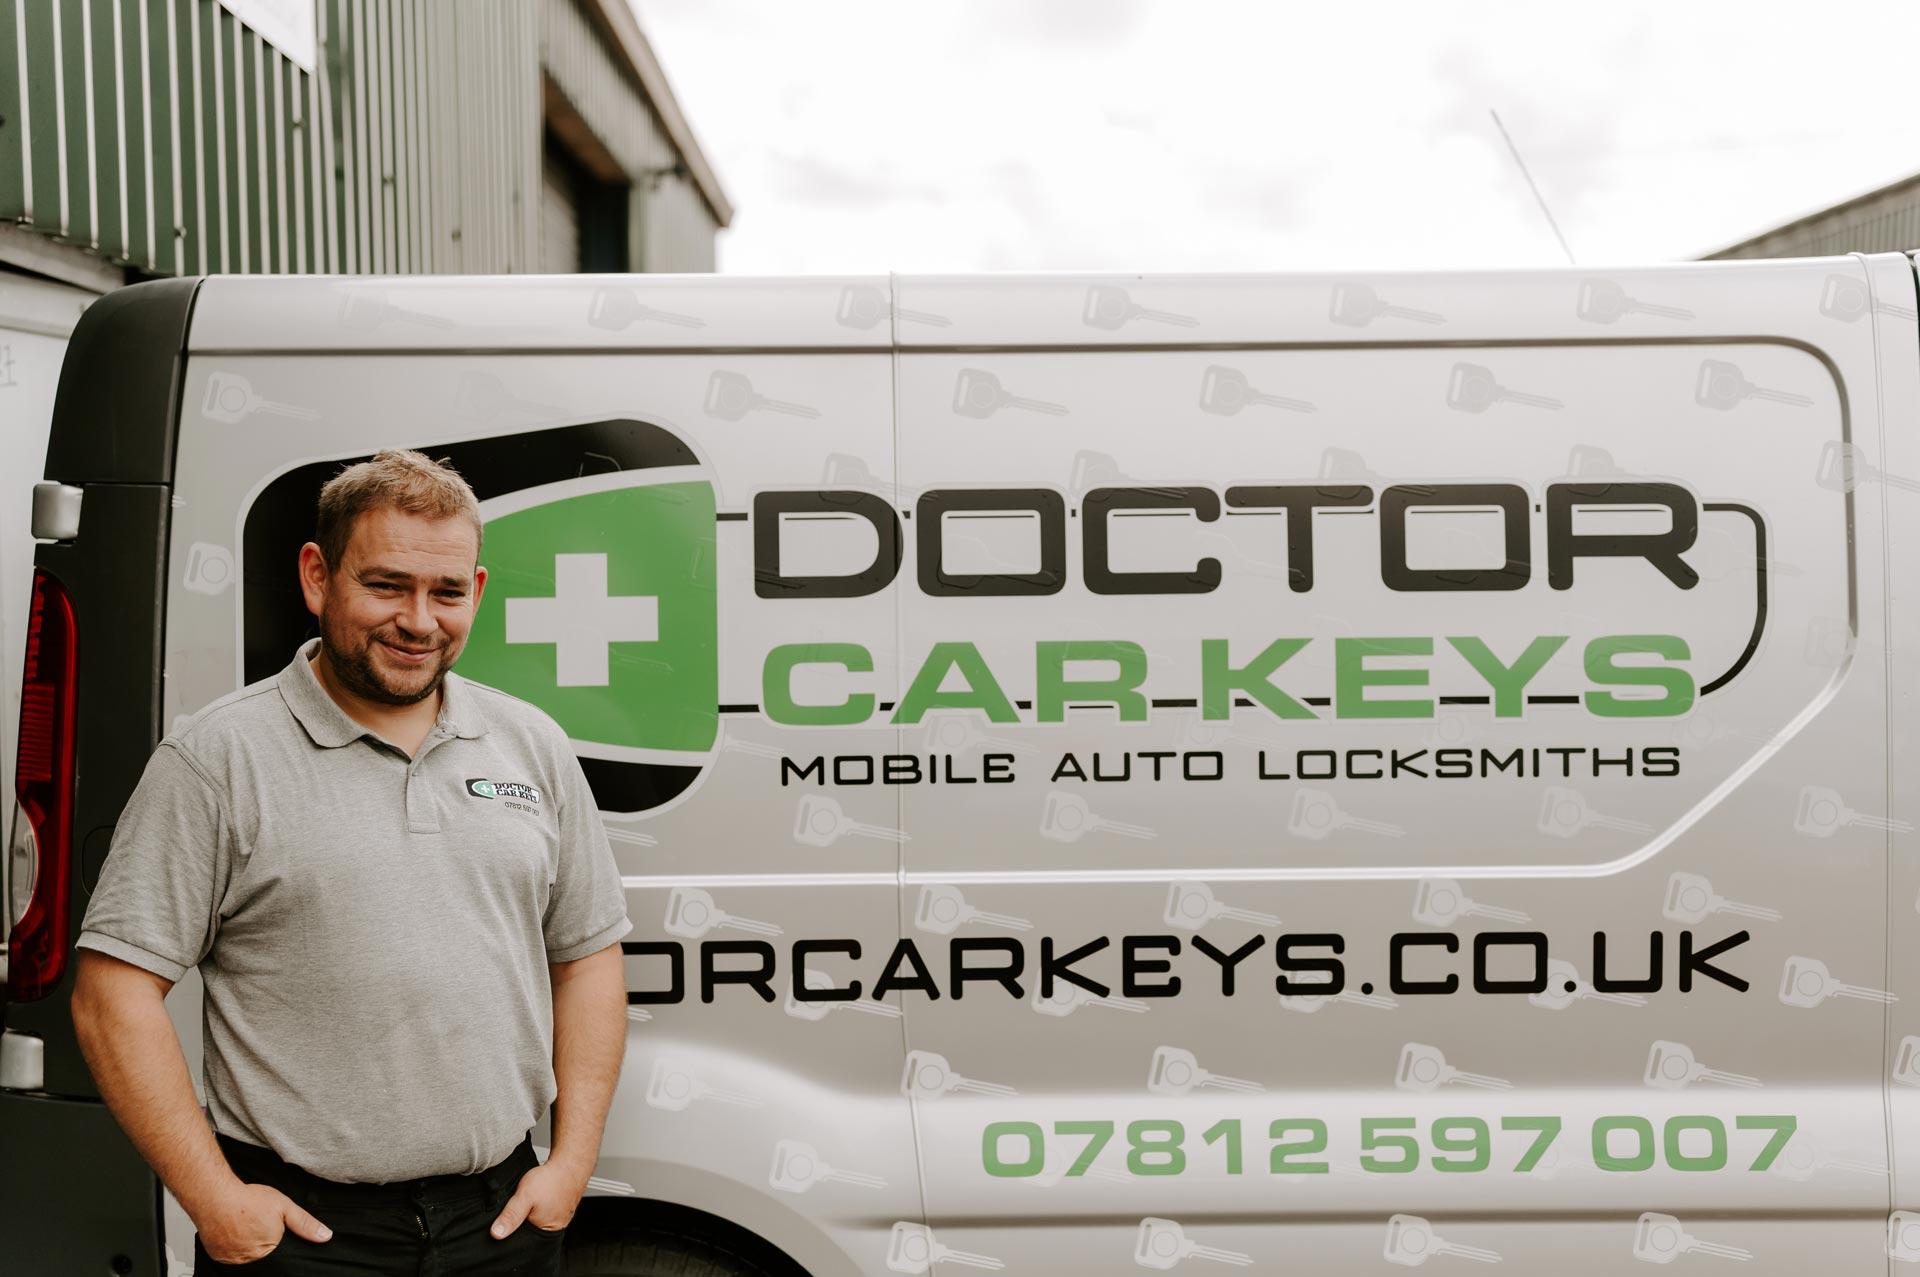 Auto Locksmiths in Twyford